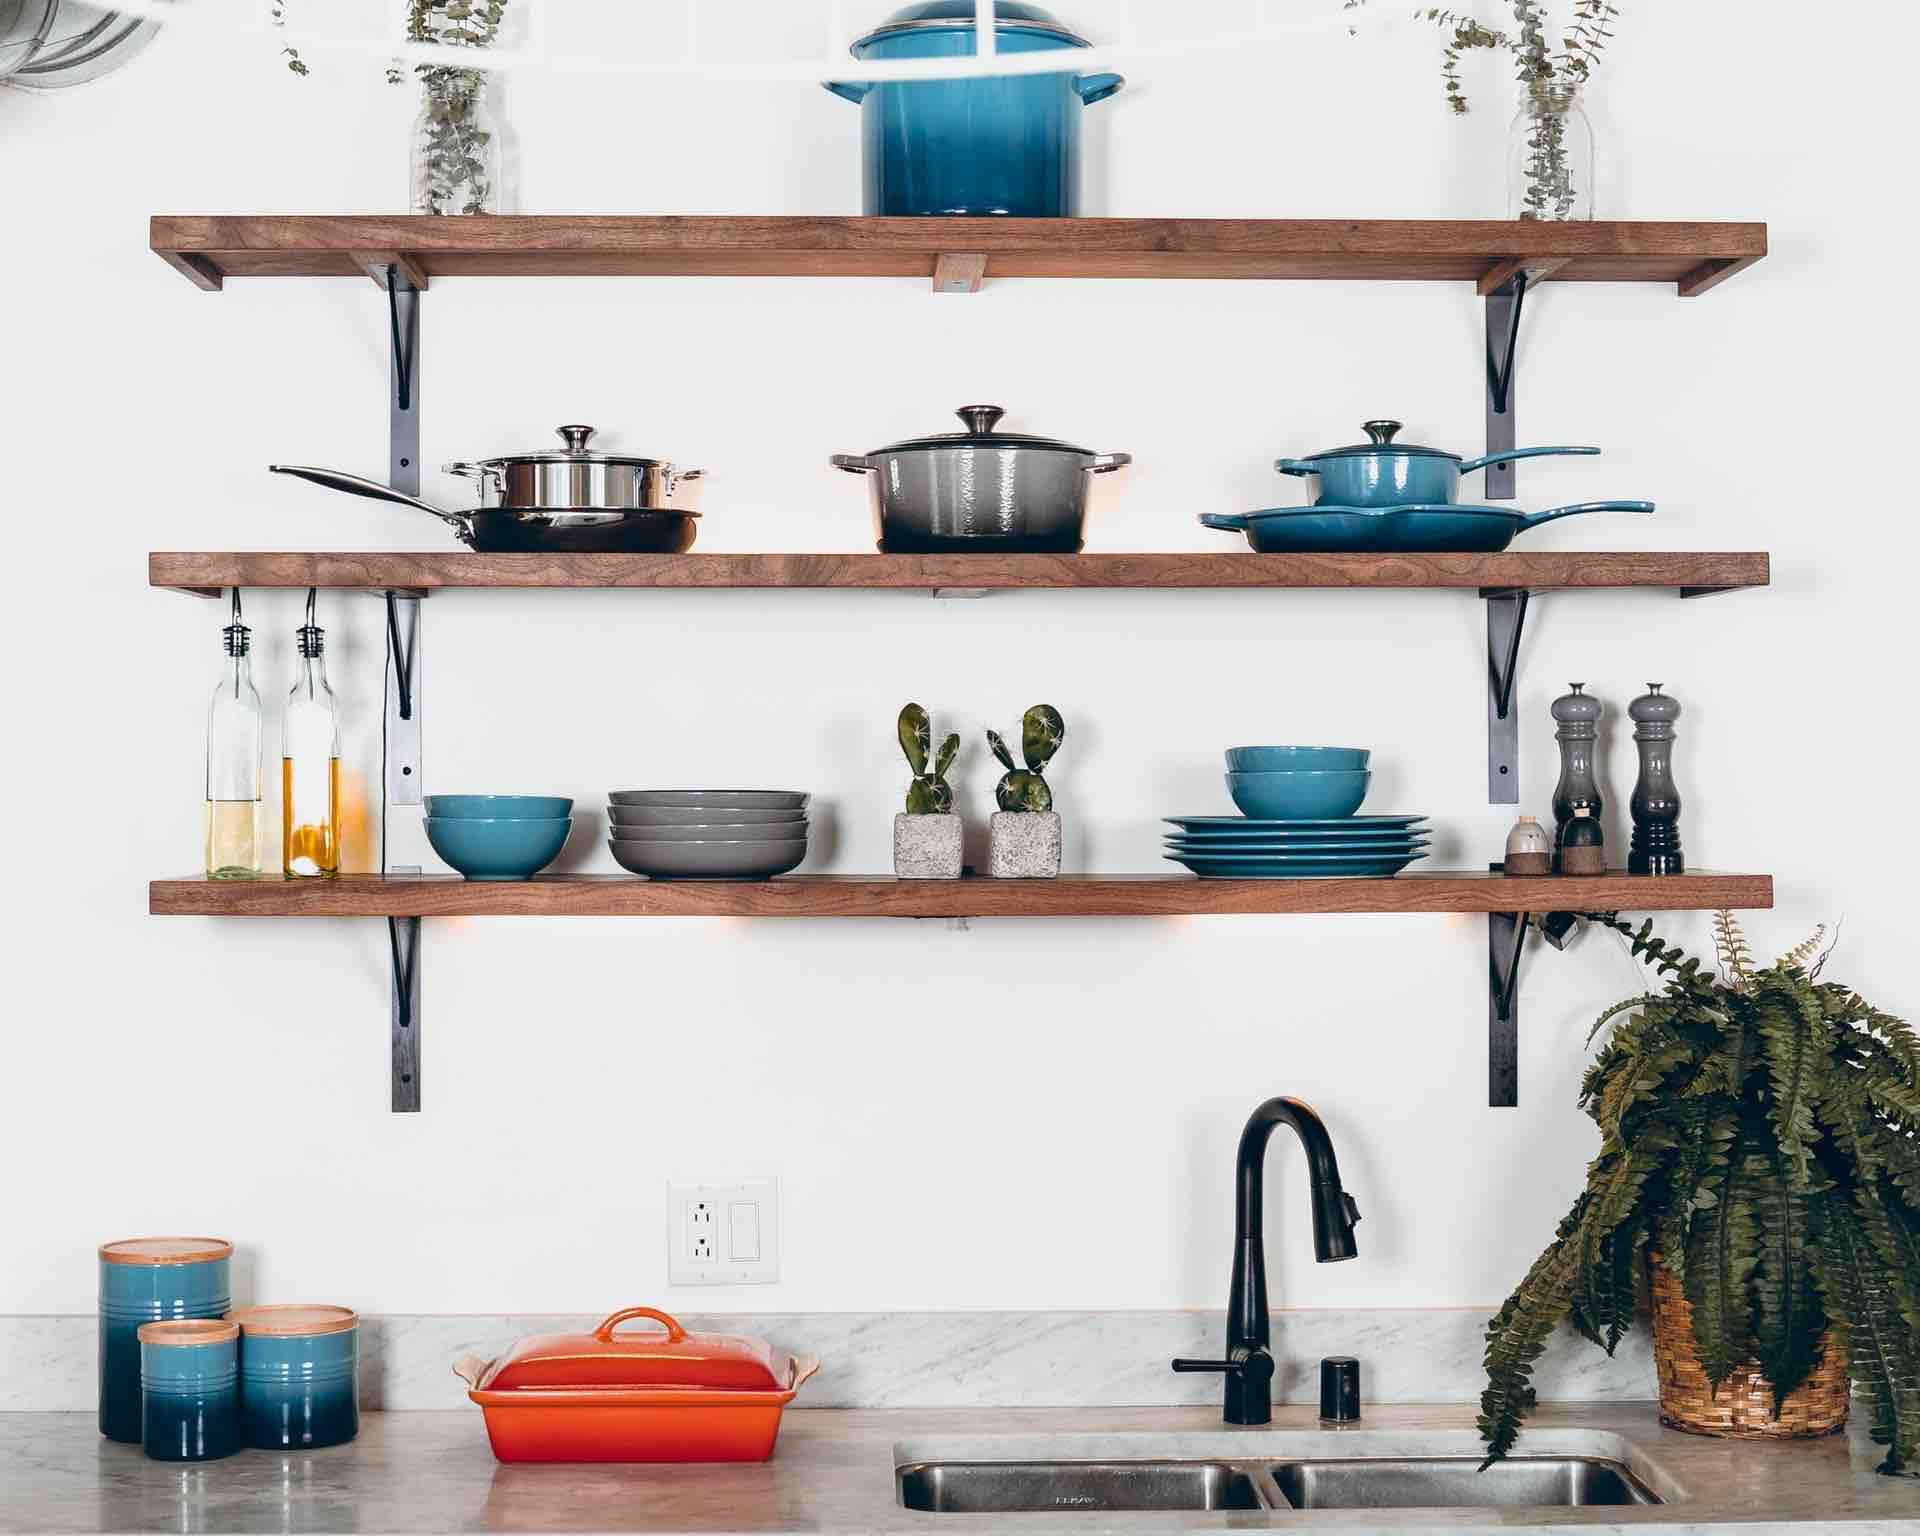 cuisine plats matériel essentiels